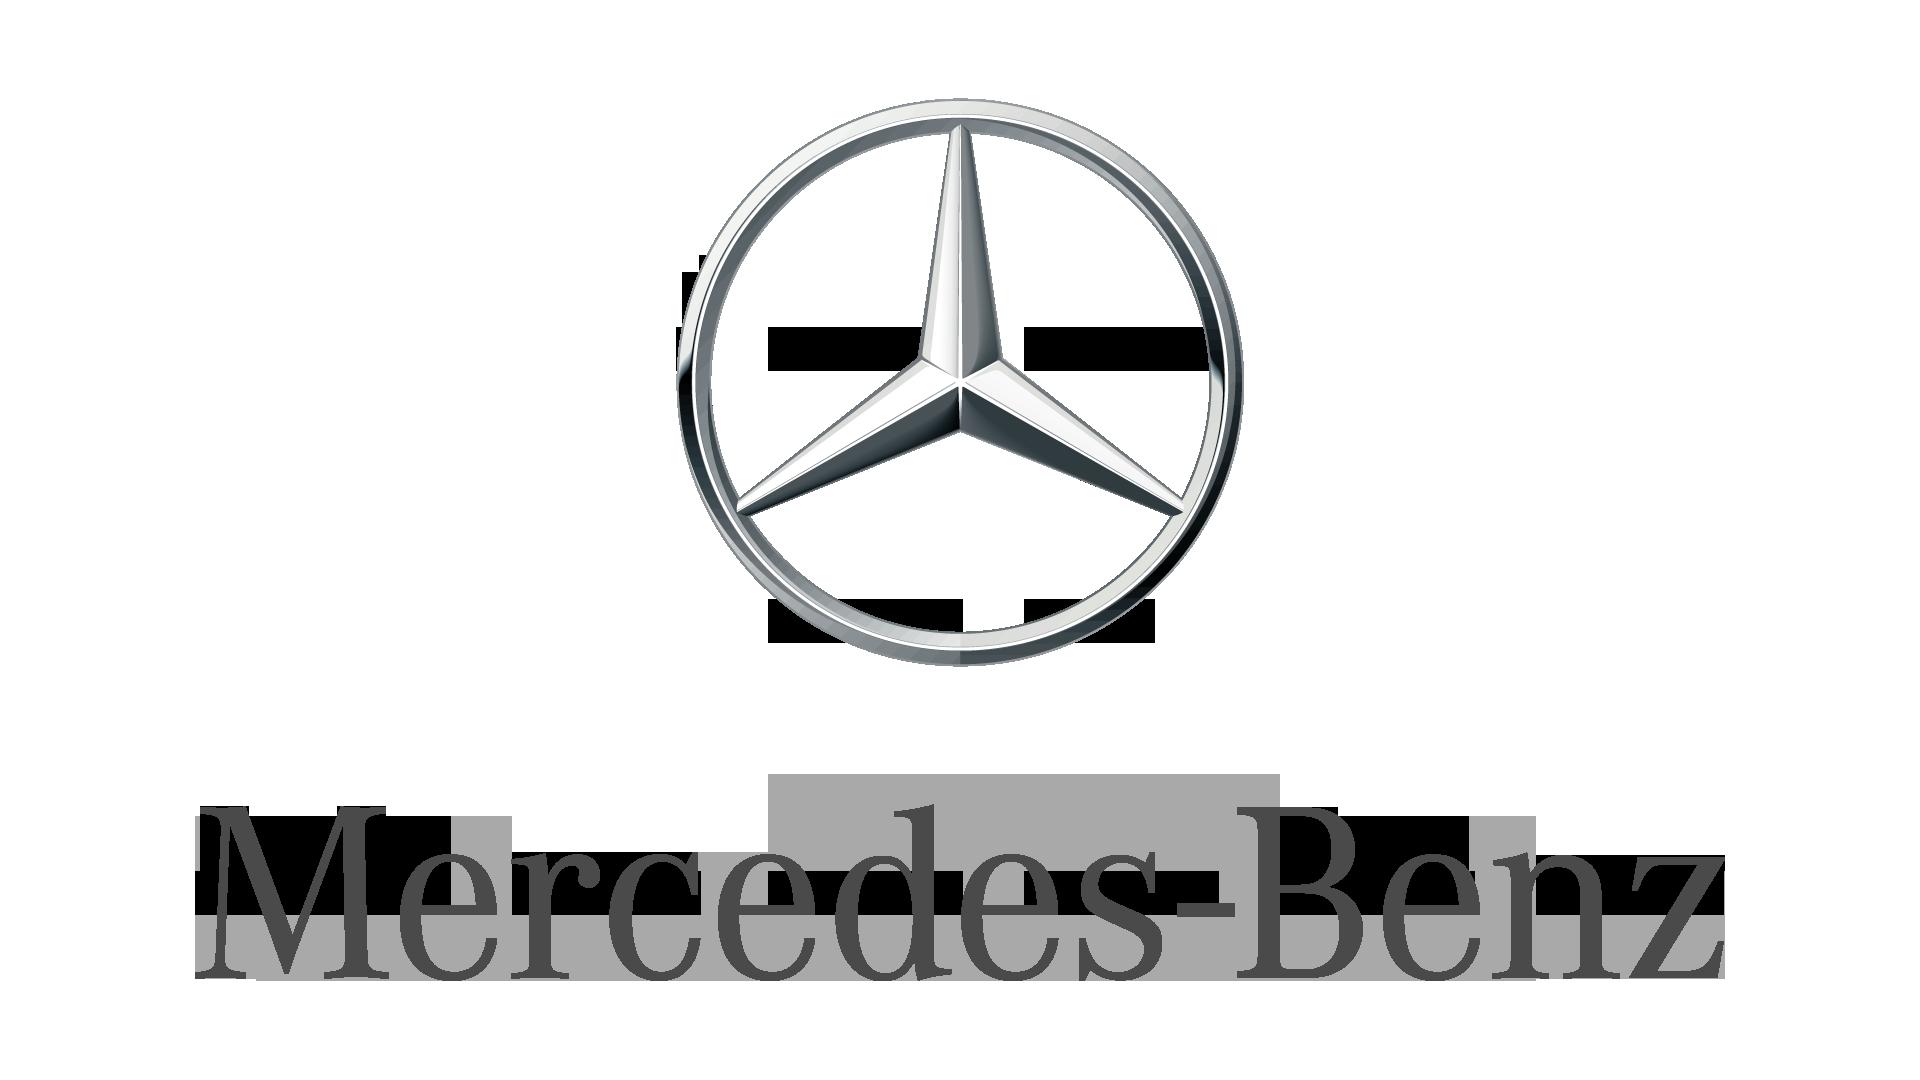 Mercedes-Benz auto amg beveiliging HD Camerabewaking Mistmachine generator Alarmsysteem Overval knop paniek alarmsystemen rolluiken Bulgarijen Turkije Turkiye Guvenlik